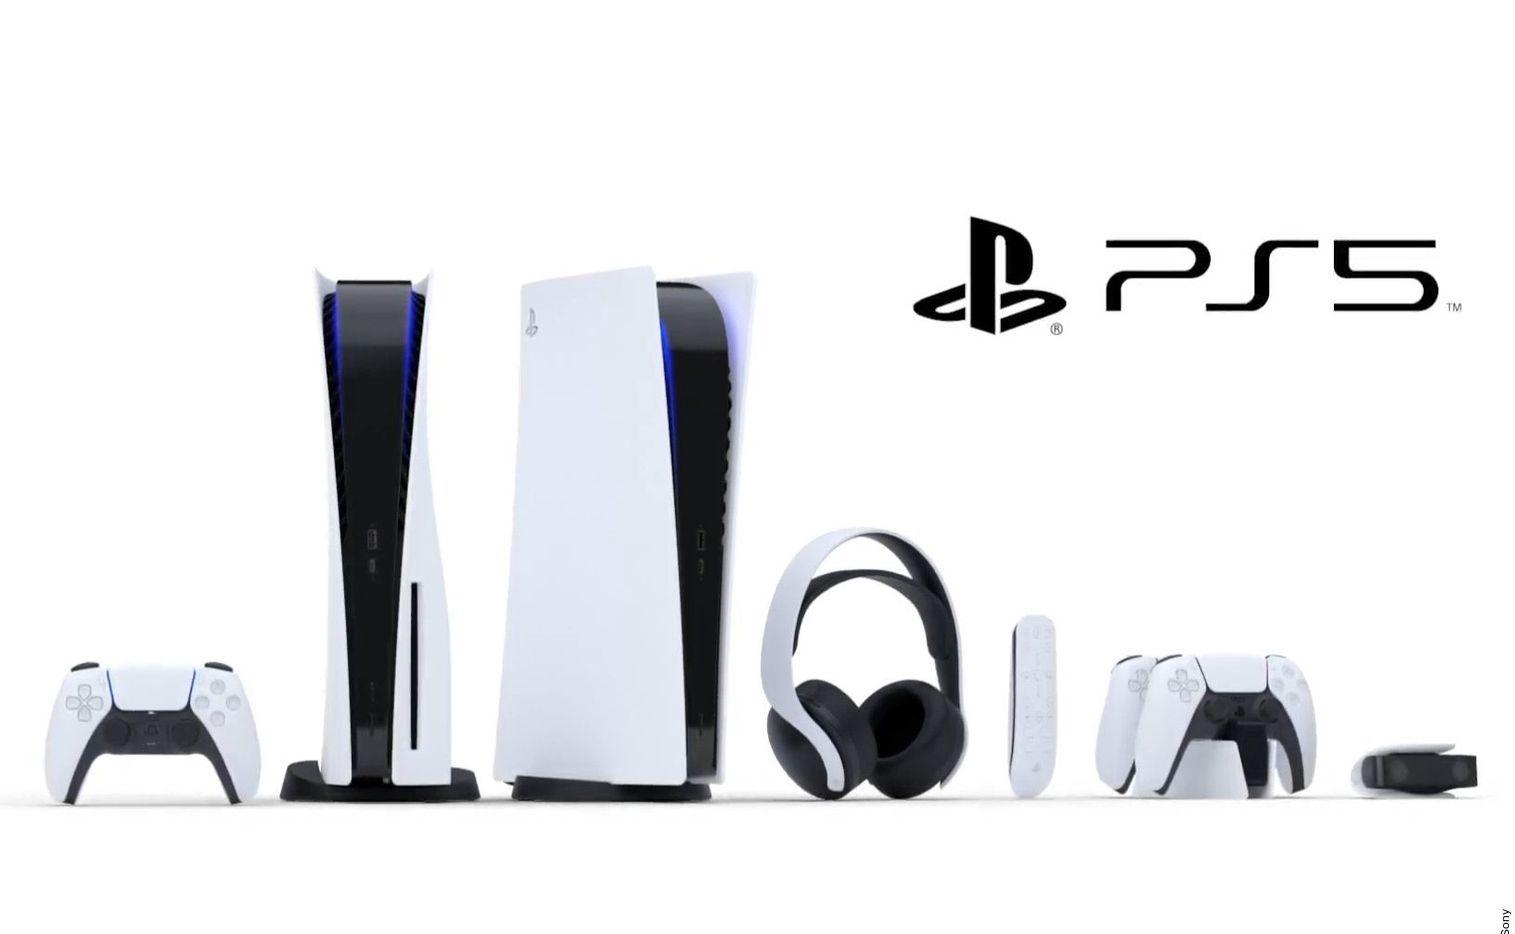 La PlayStation 5 de Sony sale a la venta entre el 12 19 de noviembre de 2020.